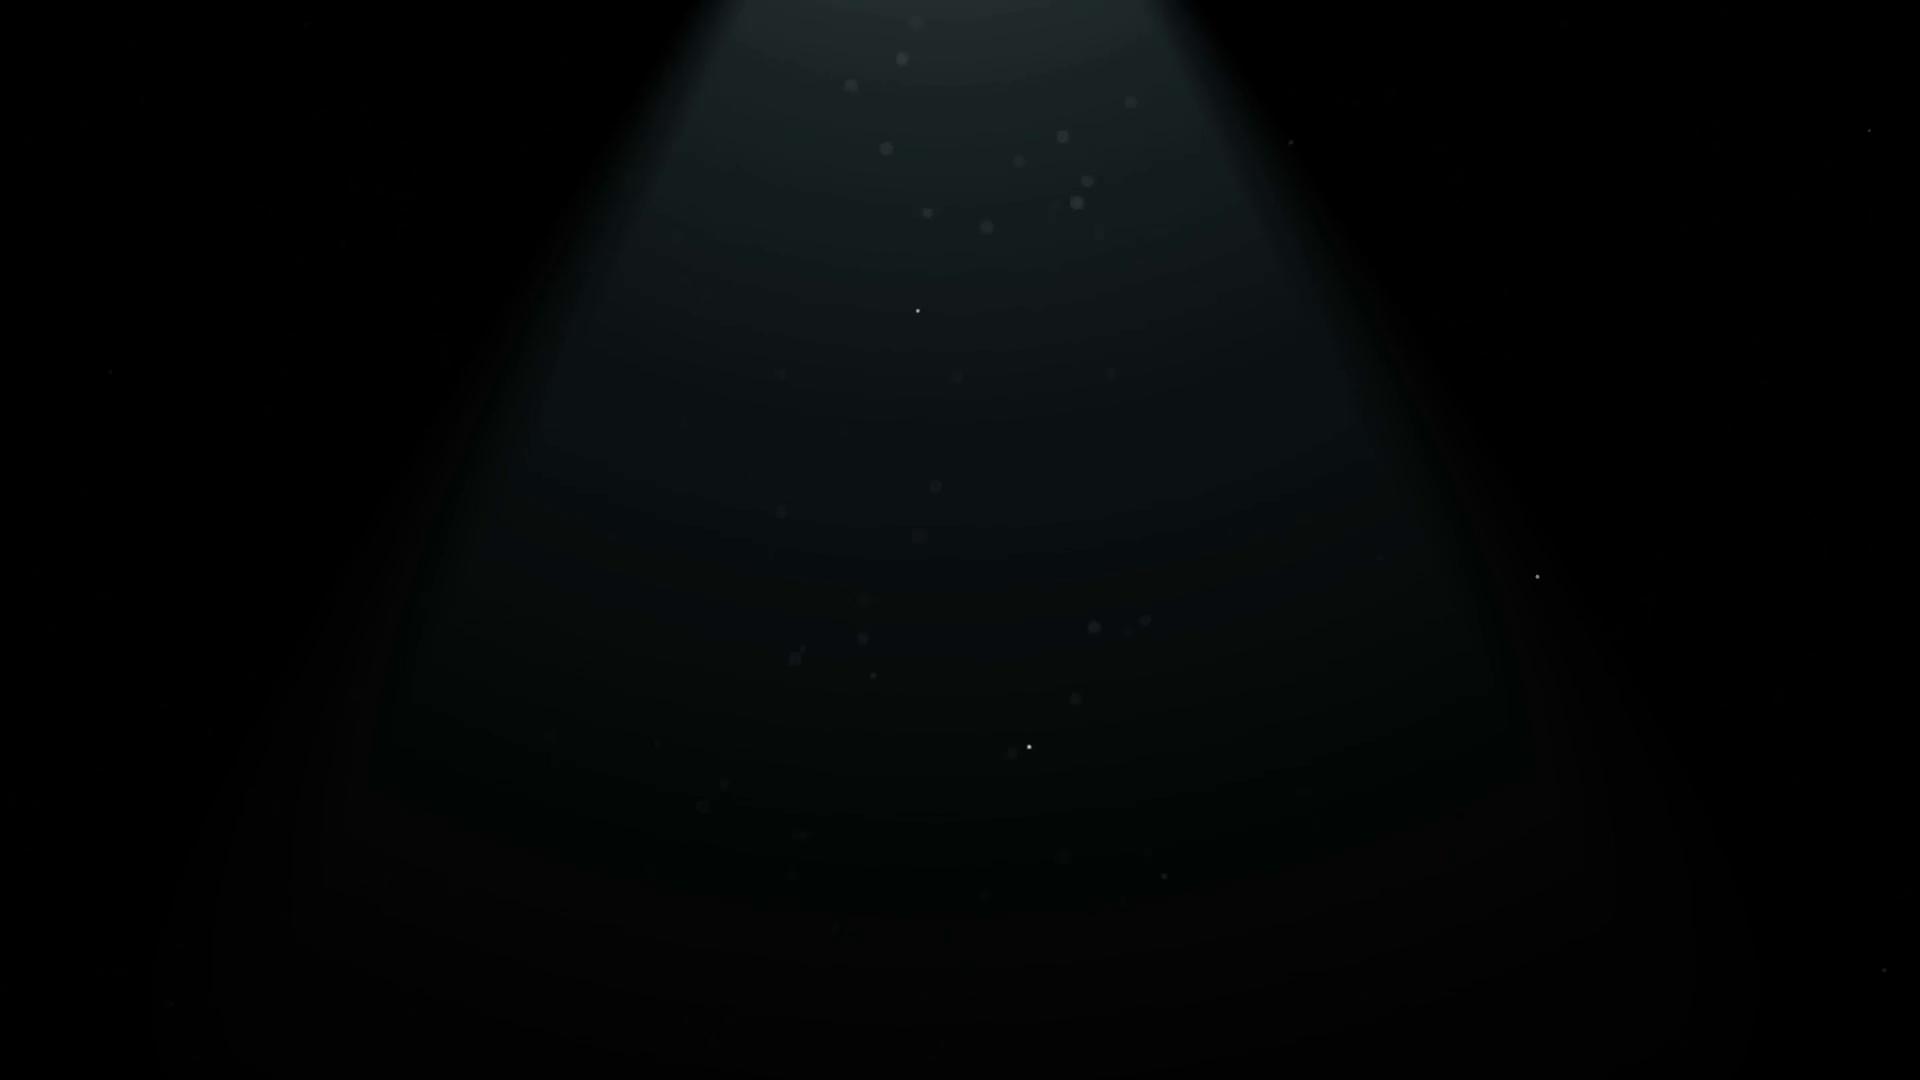 Dark Room: Dark, Darkness, Light